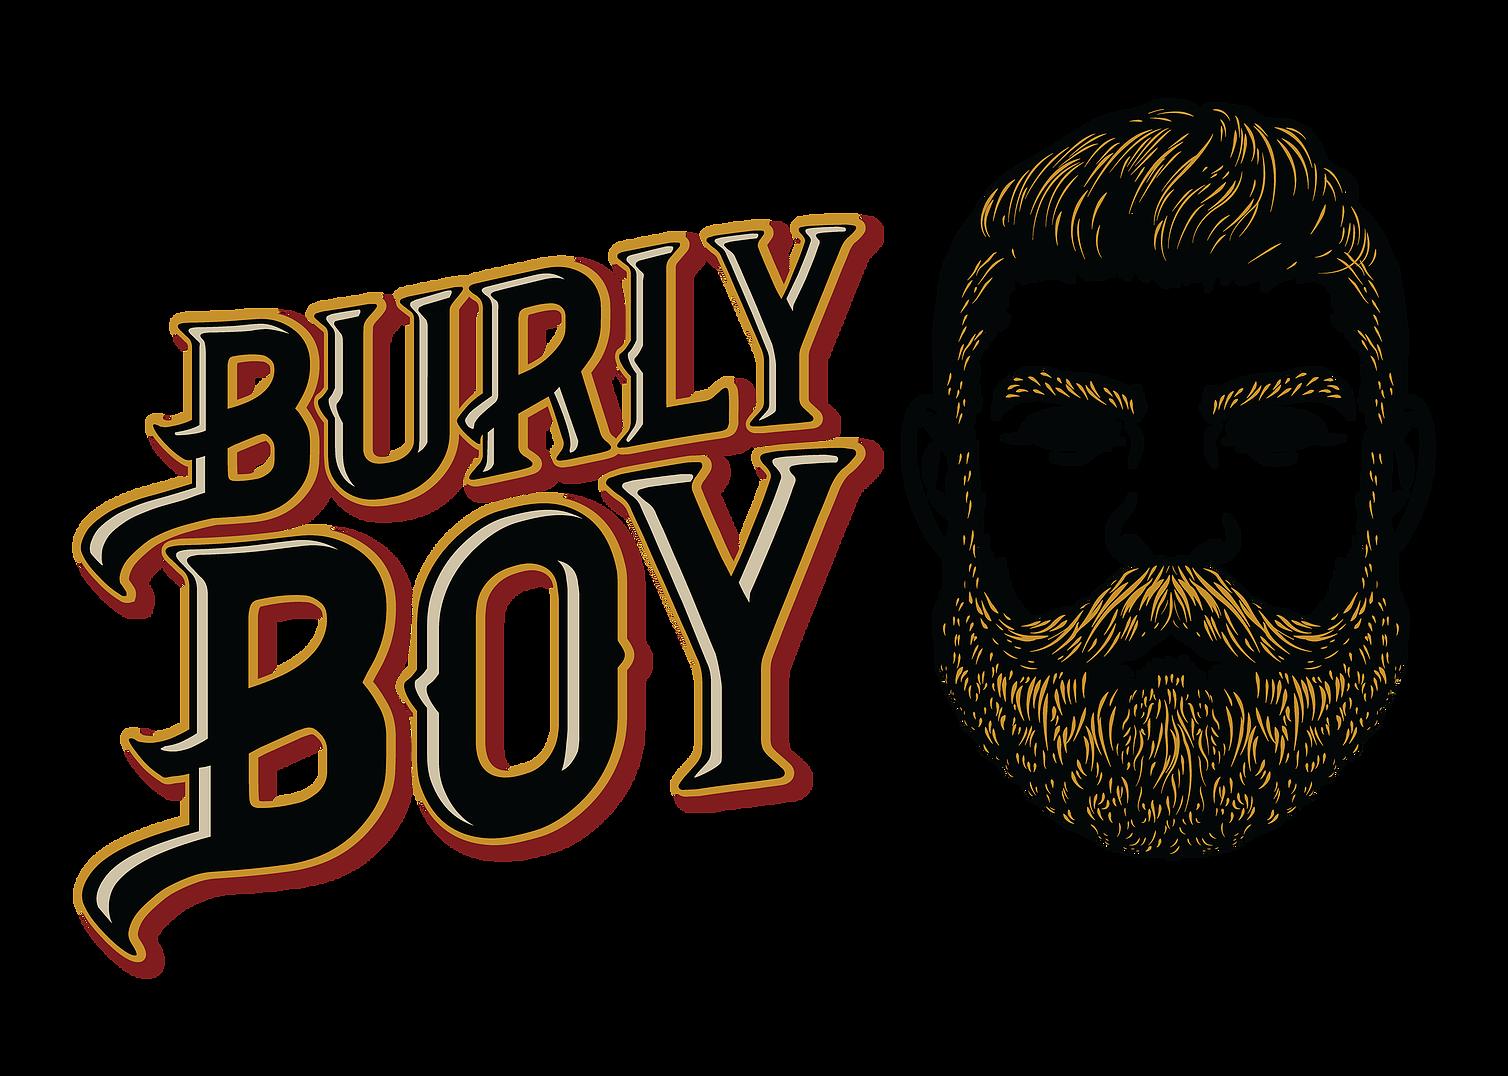 Burly-Boy